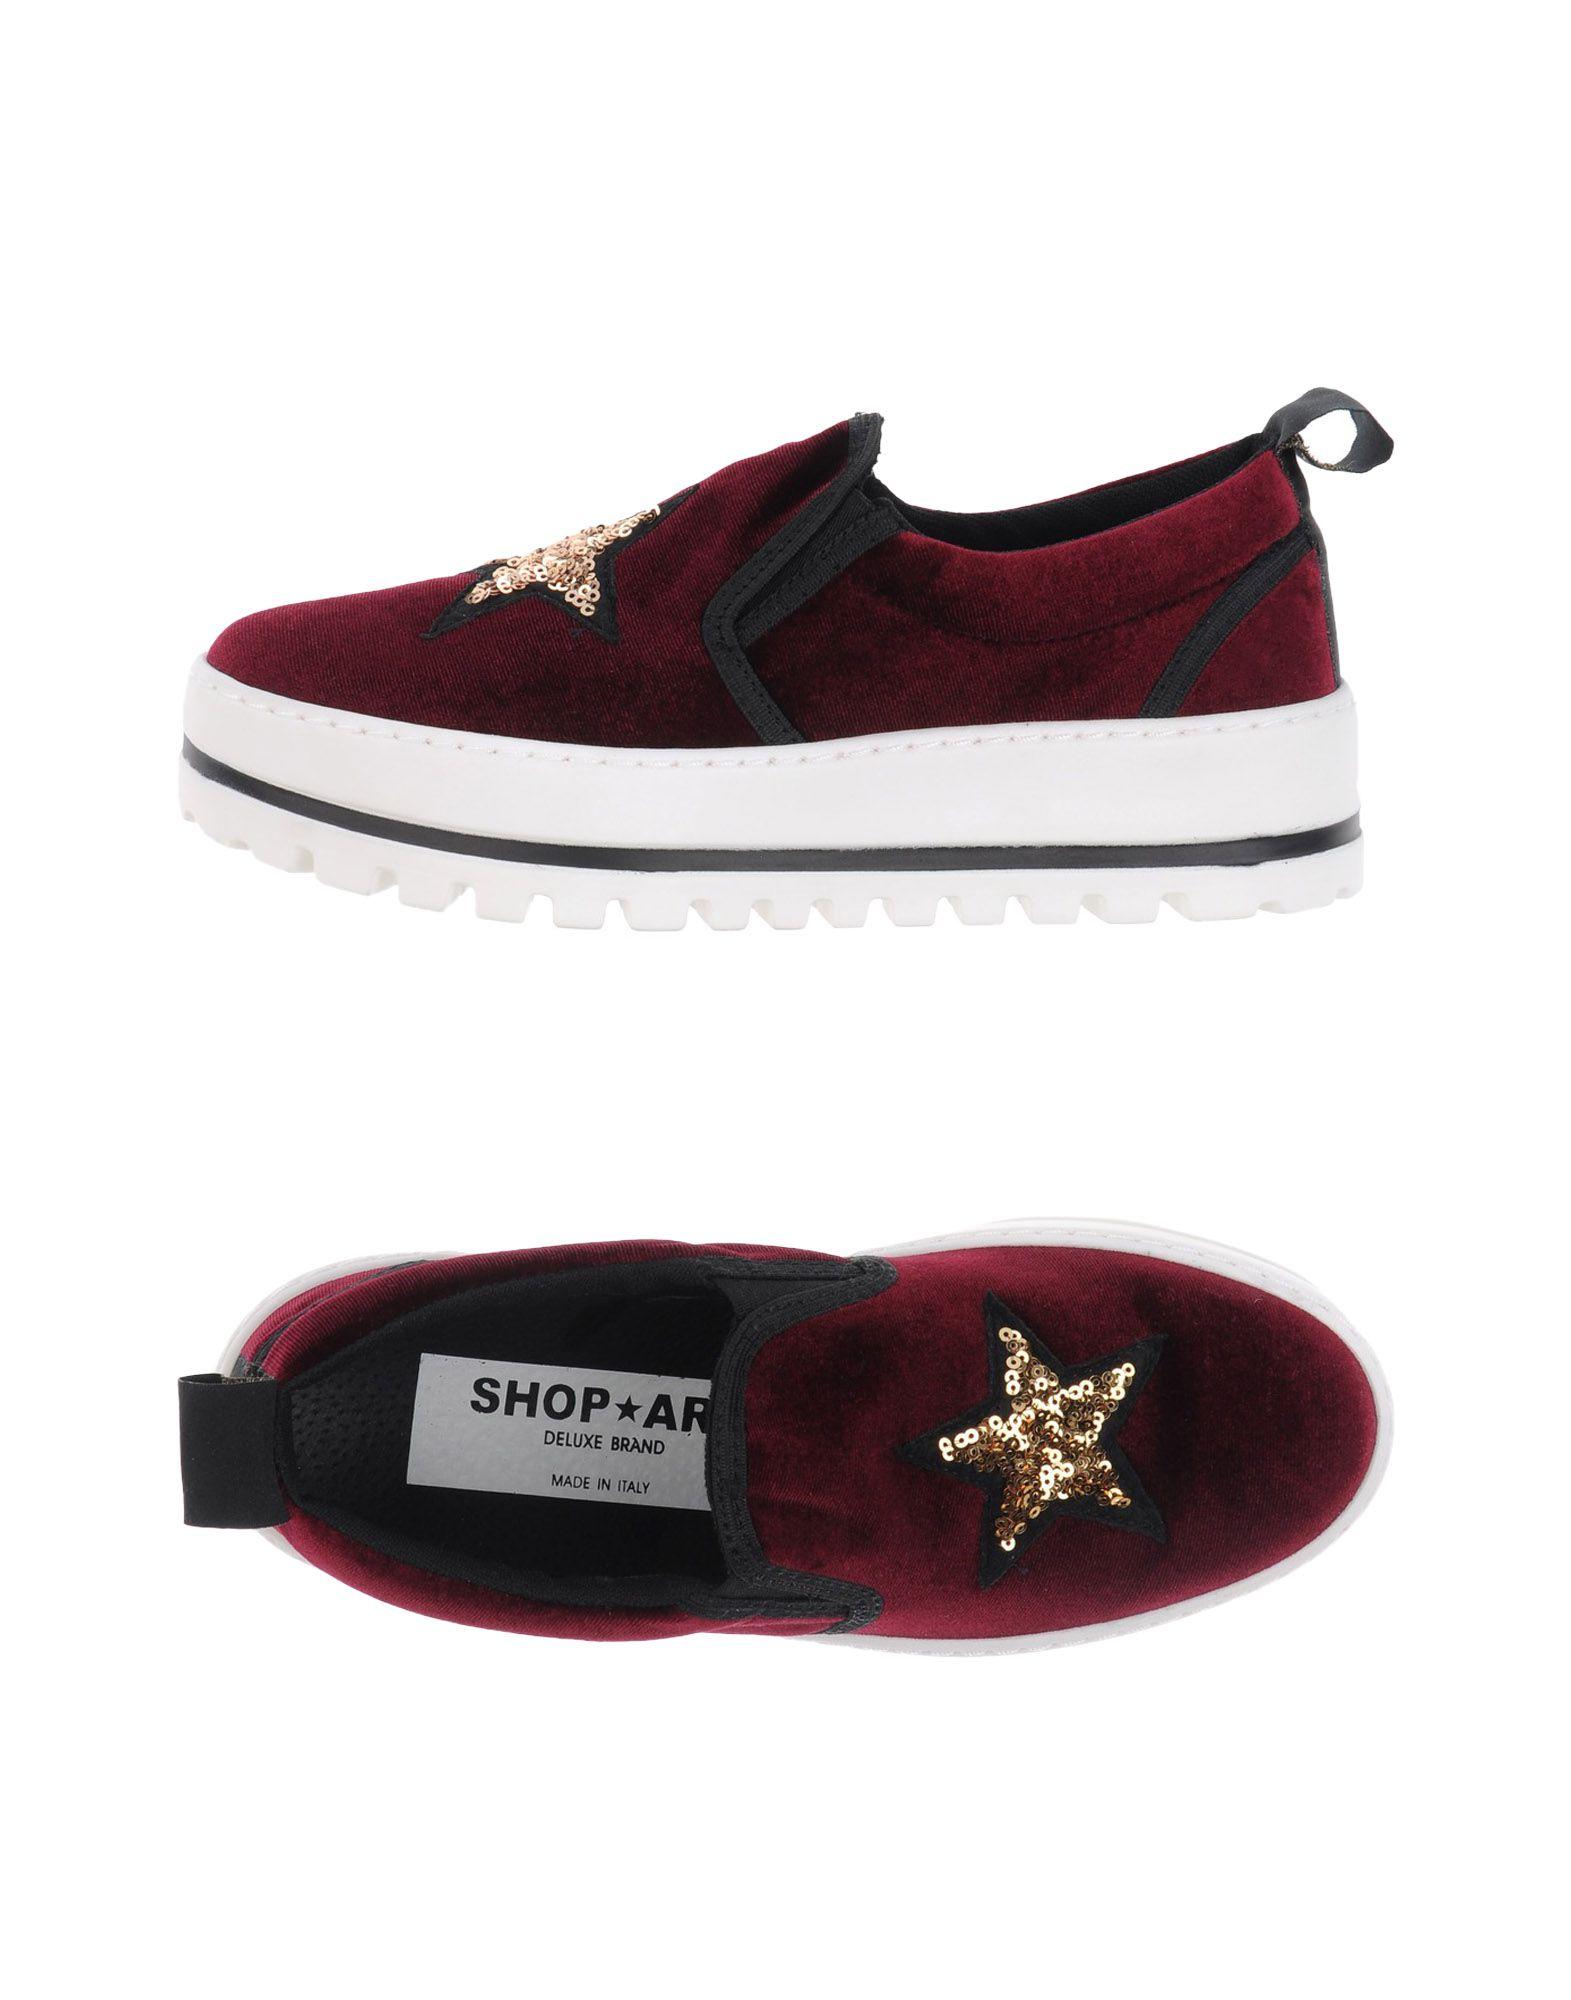 Sneakers Shop ★ Art Donna - 11241422DU